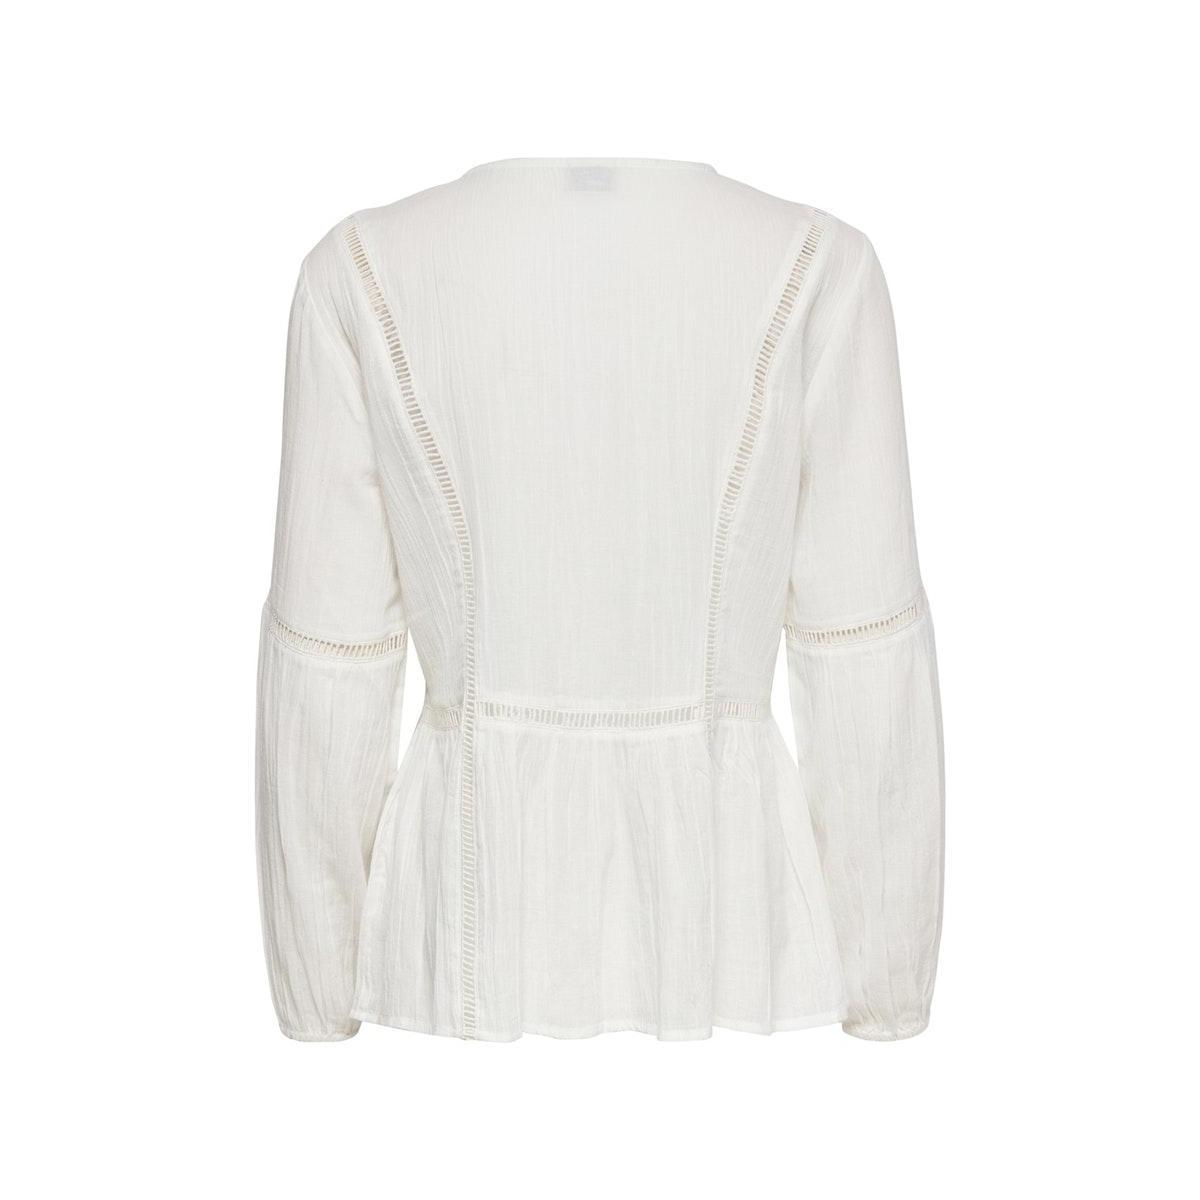 jdytrinity life l/s lace  blouse wv 15201217 jacqueline de yong blouse cloud dancer